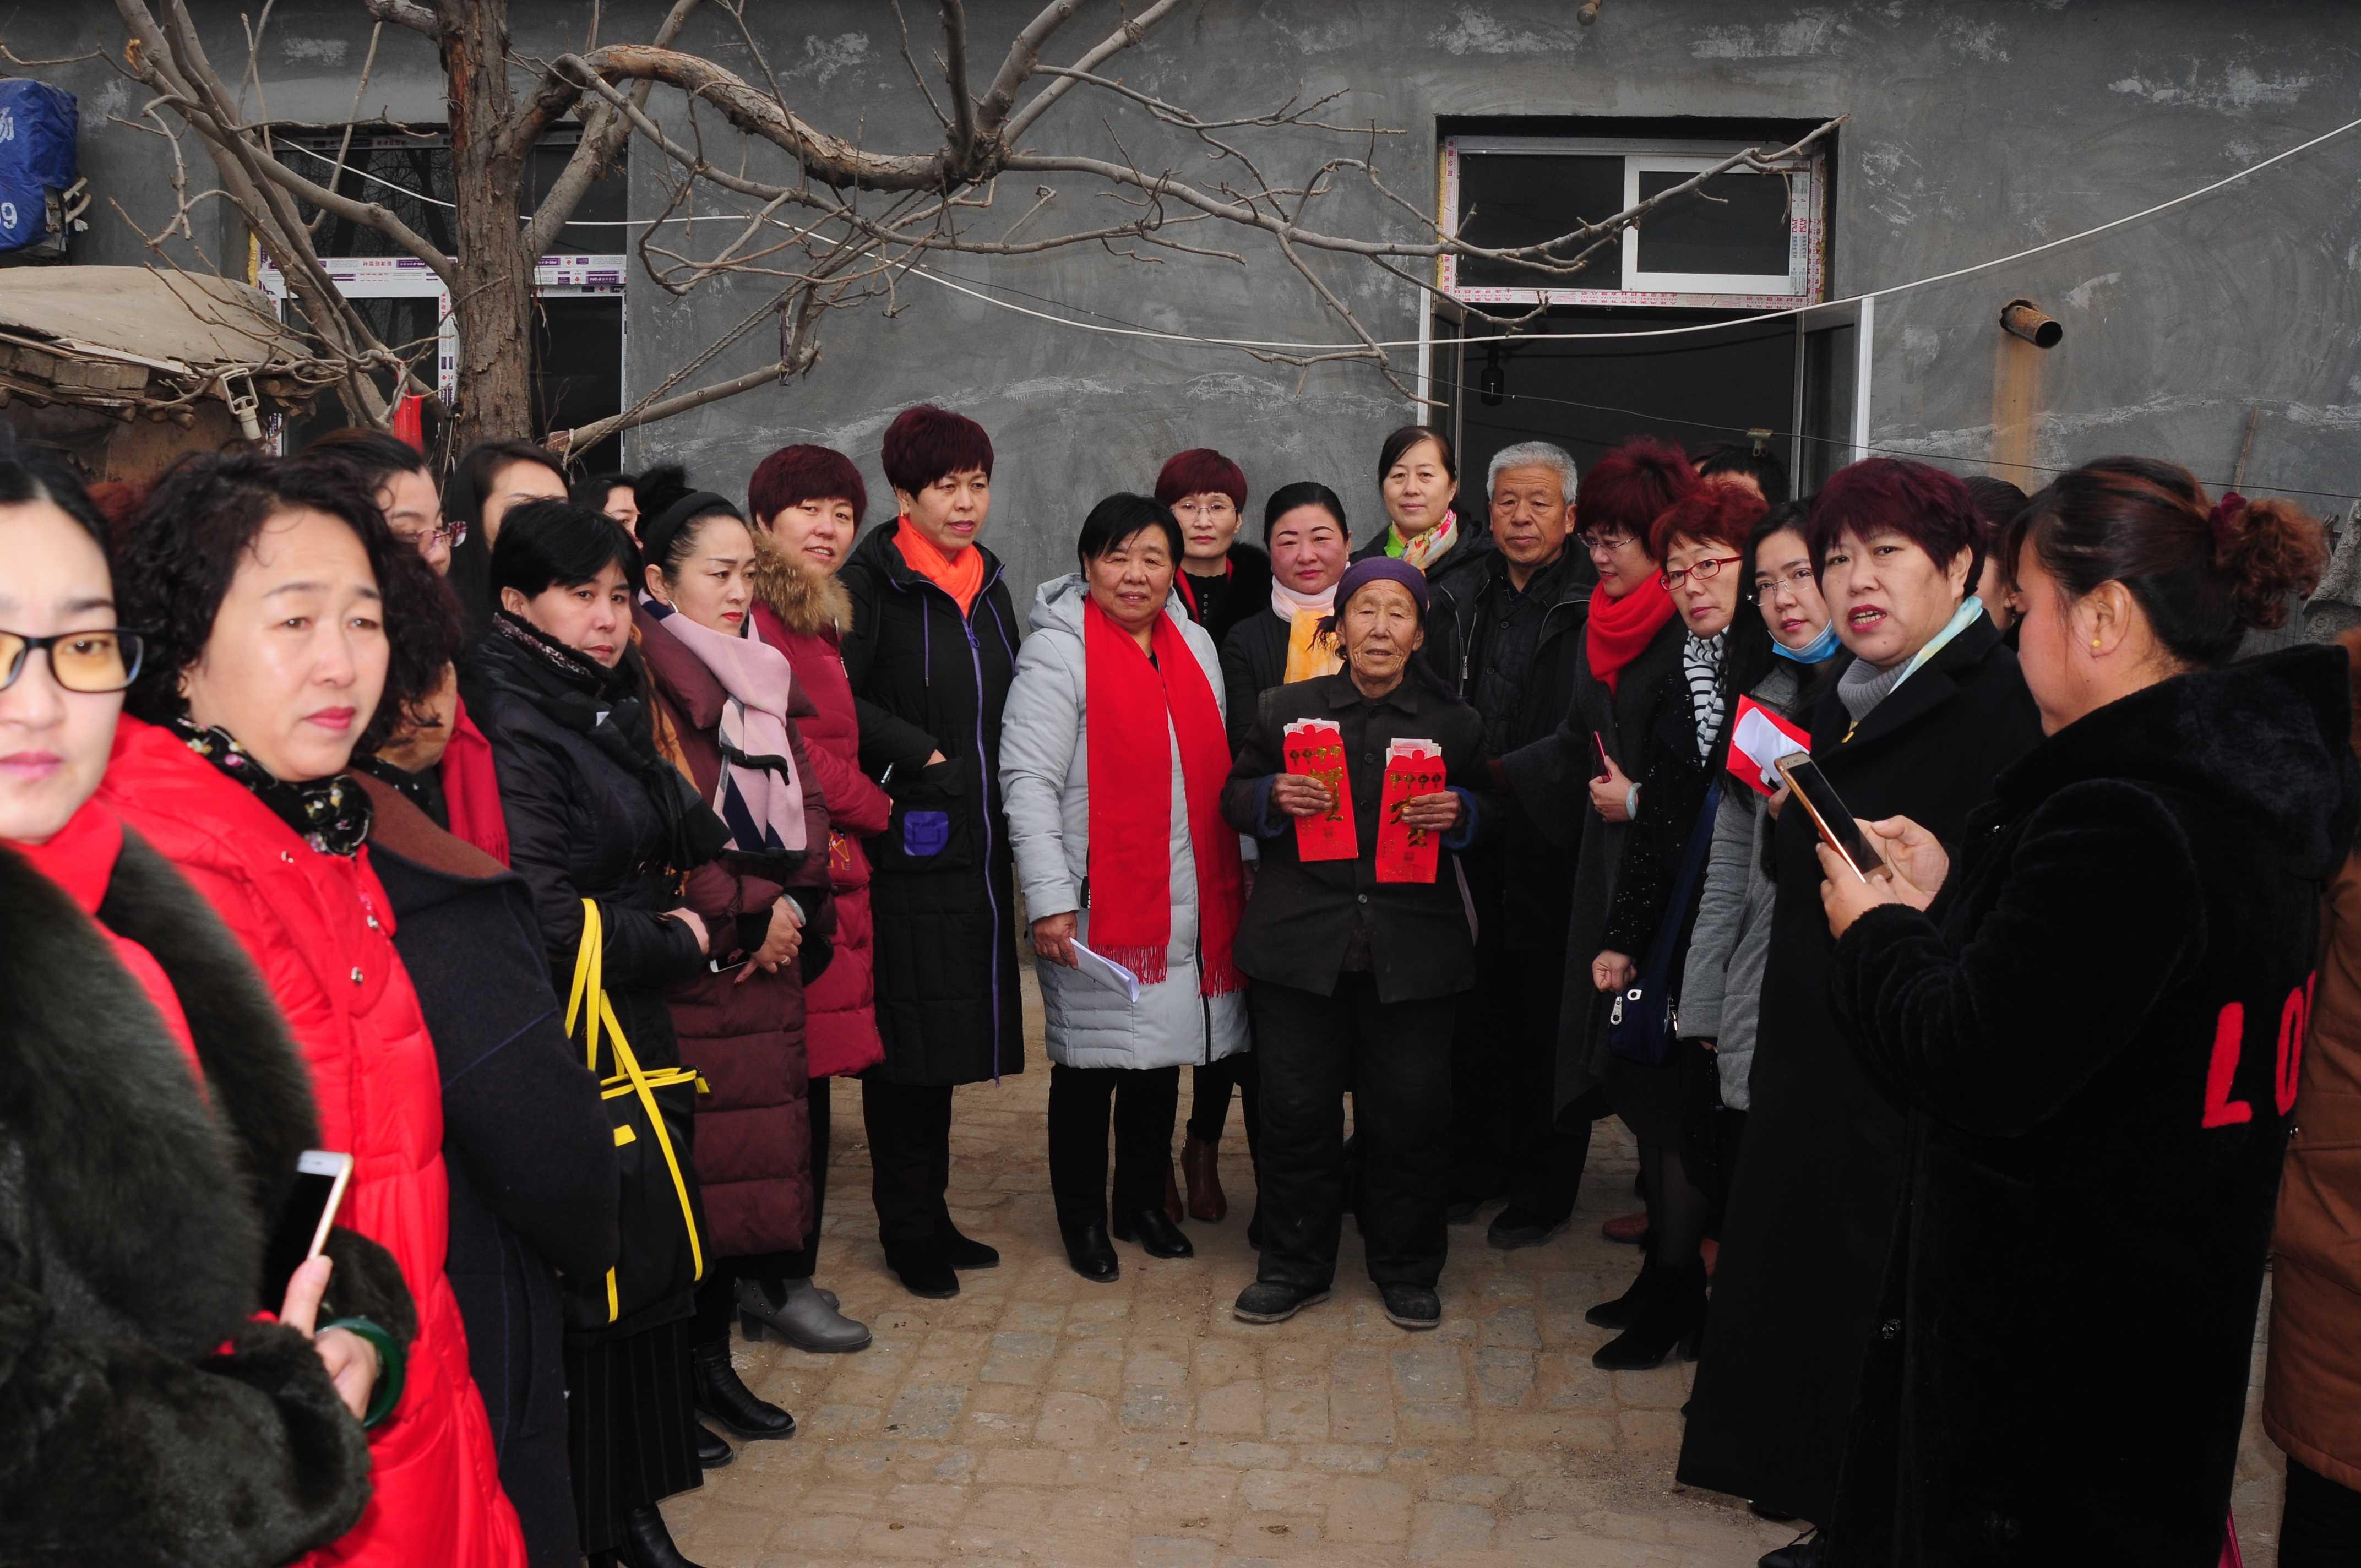 1,2018年1月16日协会全体会员下乡慰问贫困家庭,并且14位女企业家一对一、一对二救助贫困学生15名-微信图片_20190325113128